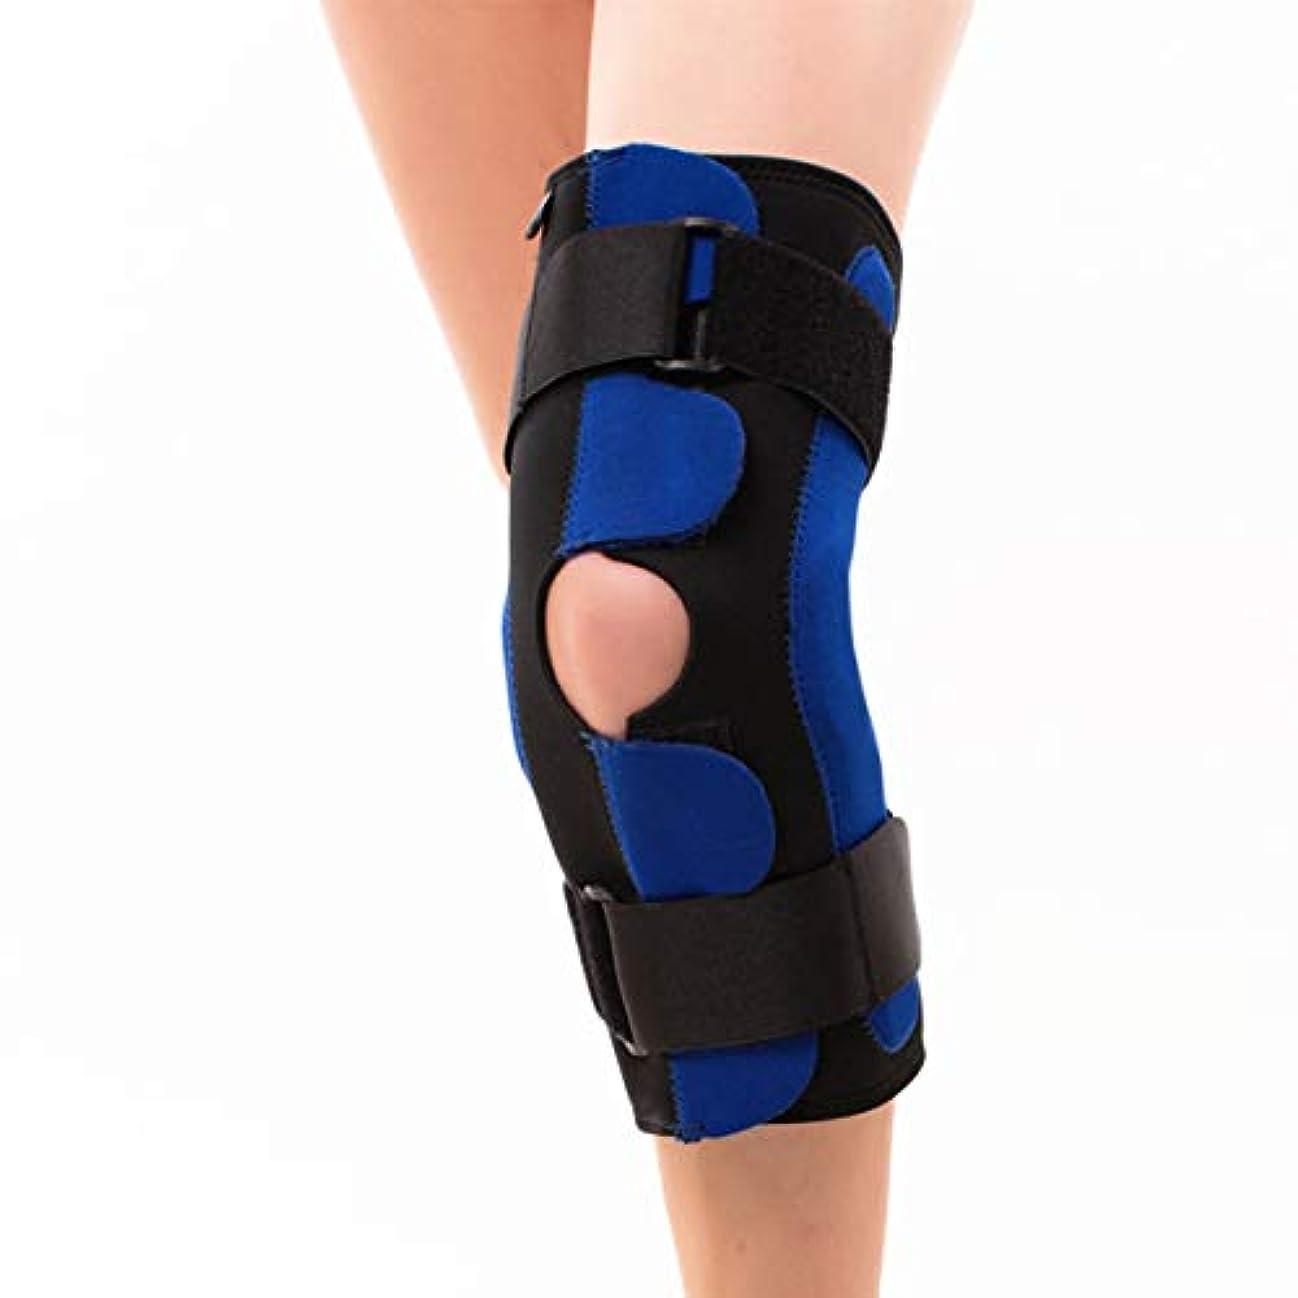 憎しみポータルバケット屋外スポーツ膝パッド膝鋼サポートバークライミングスポーツ安全膝ブレースフィットネス保護パーツ-ブラックL